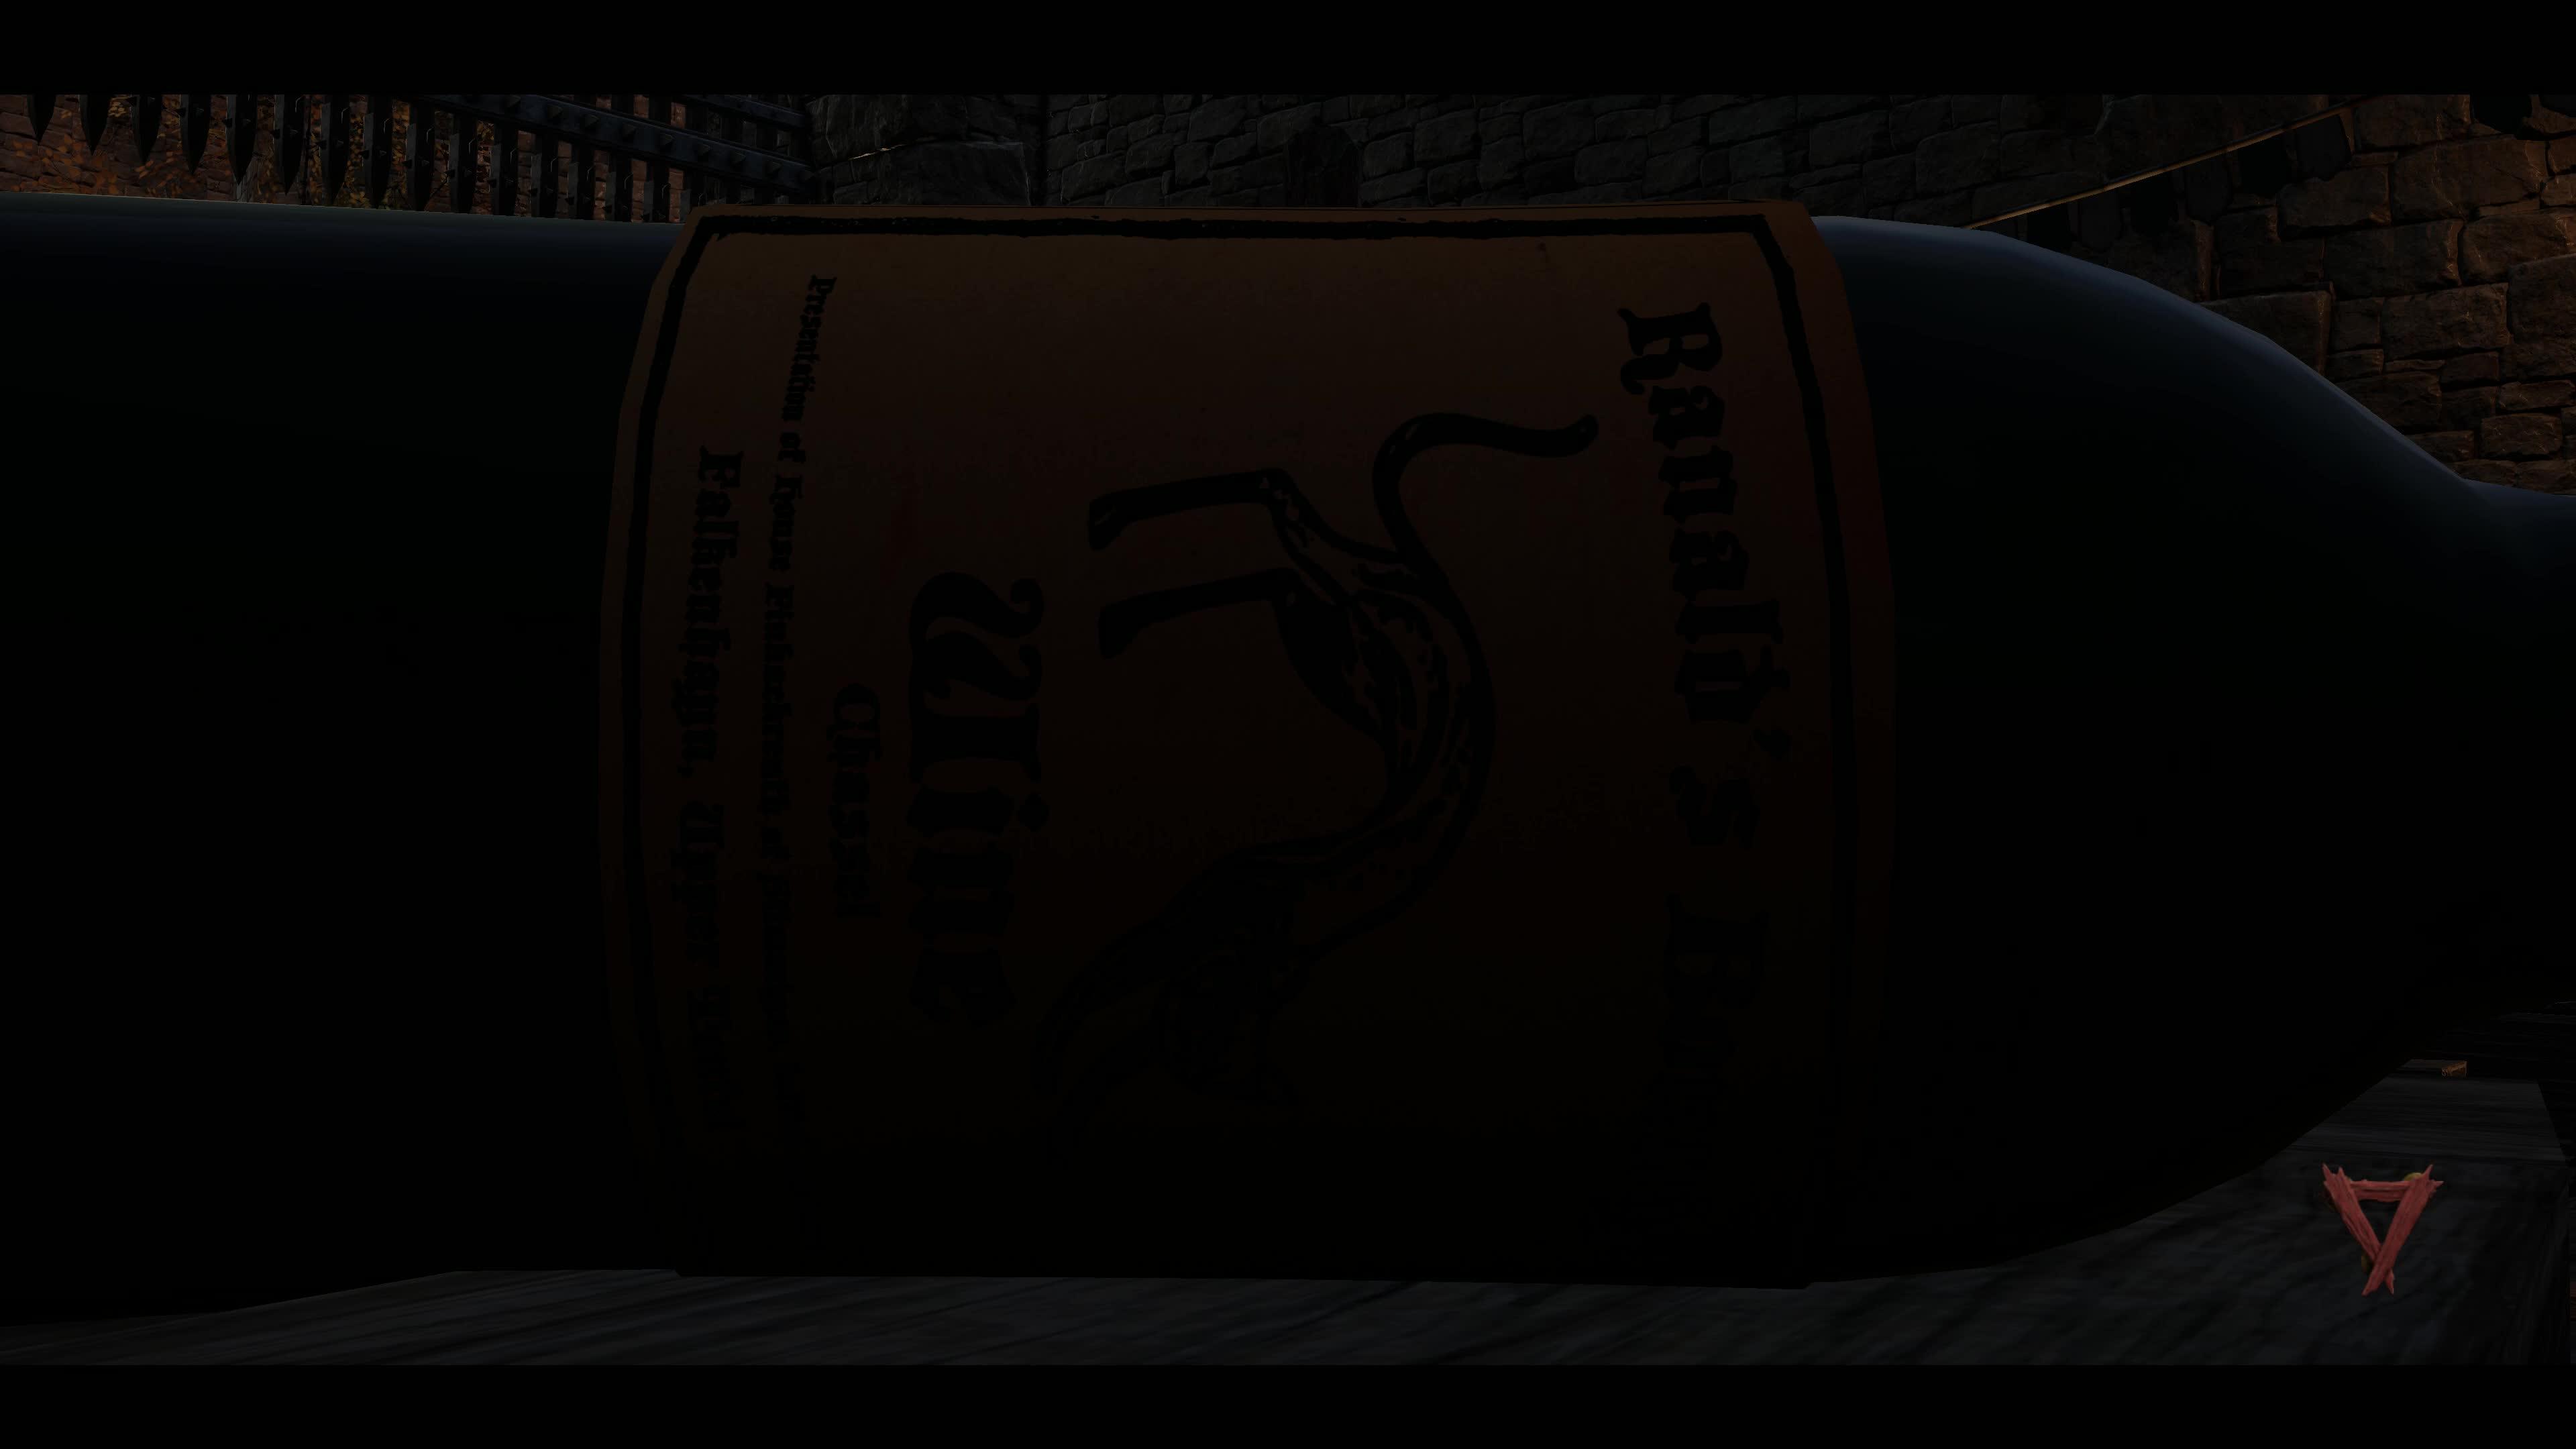 vermintide, Warhammer Vermintide 2 2019.03.09 - 09.39.49.01 GIFs